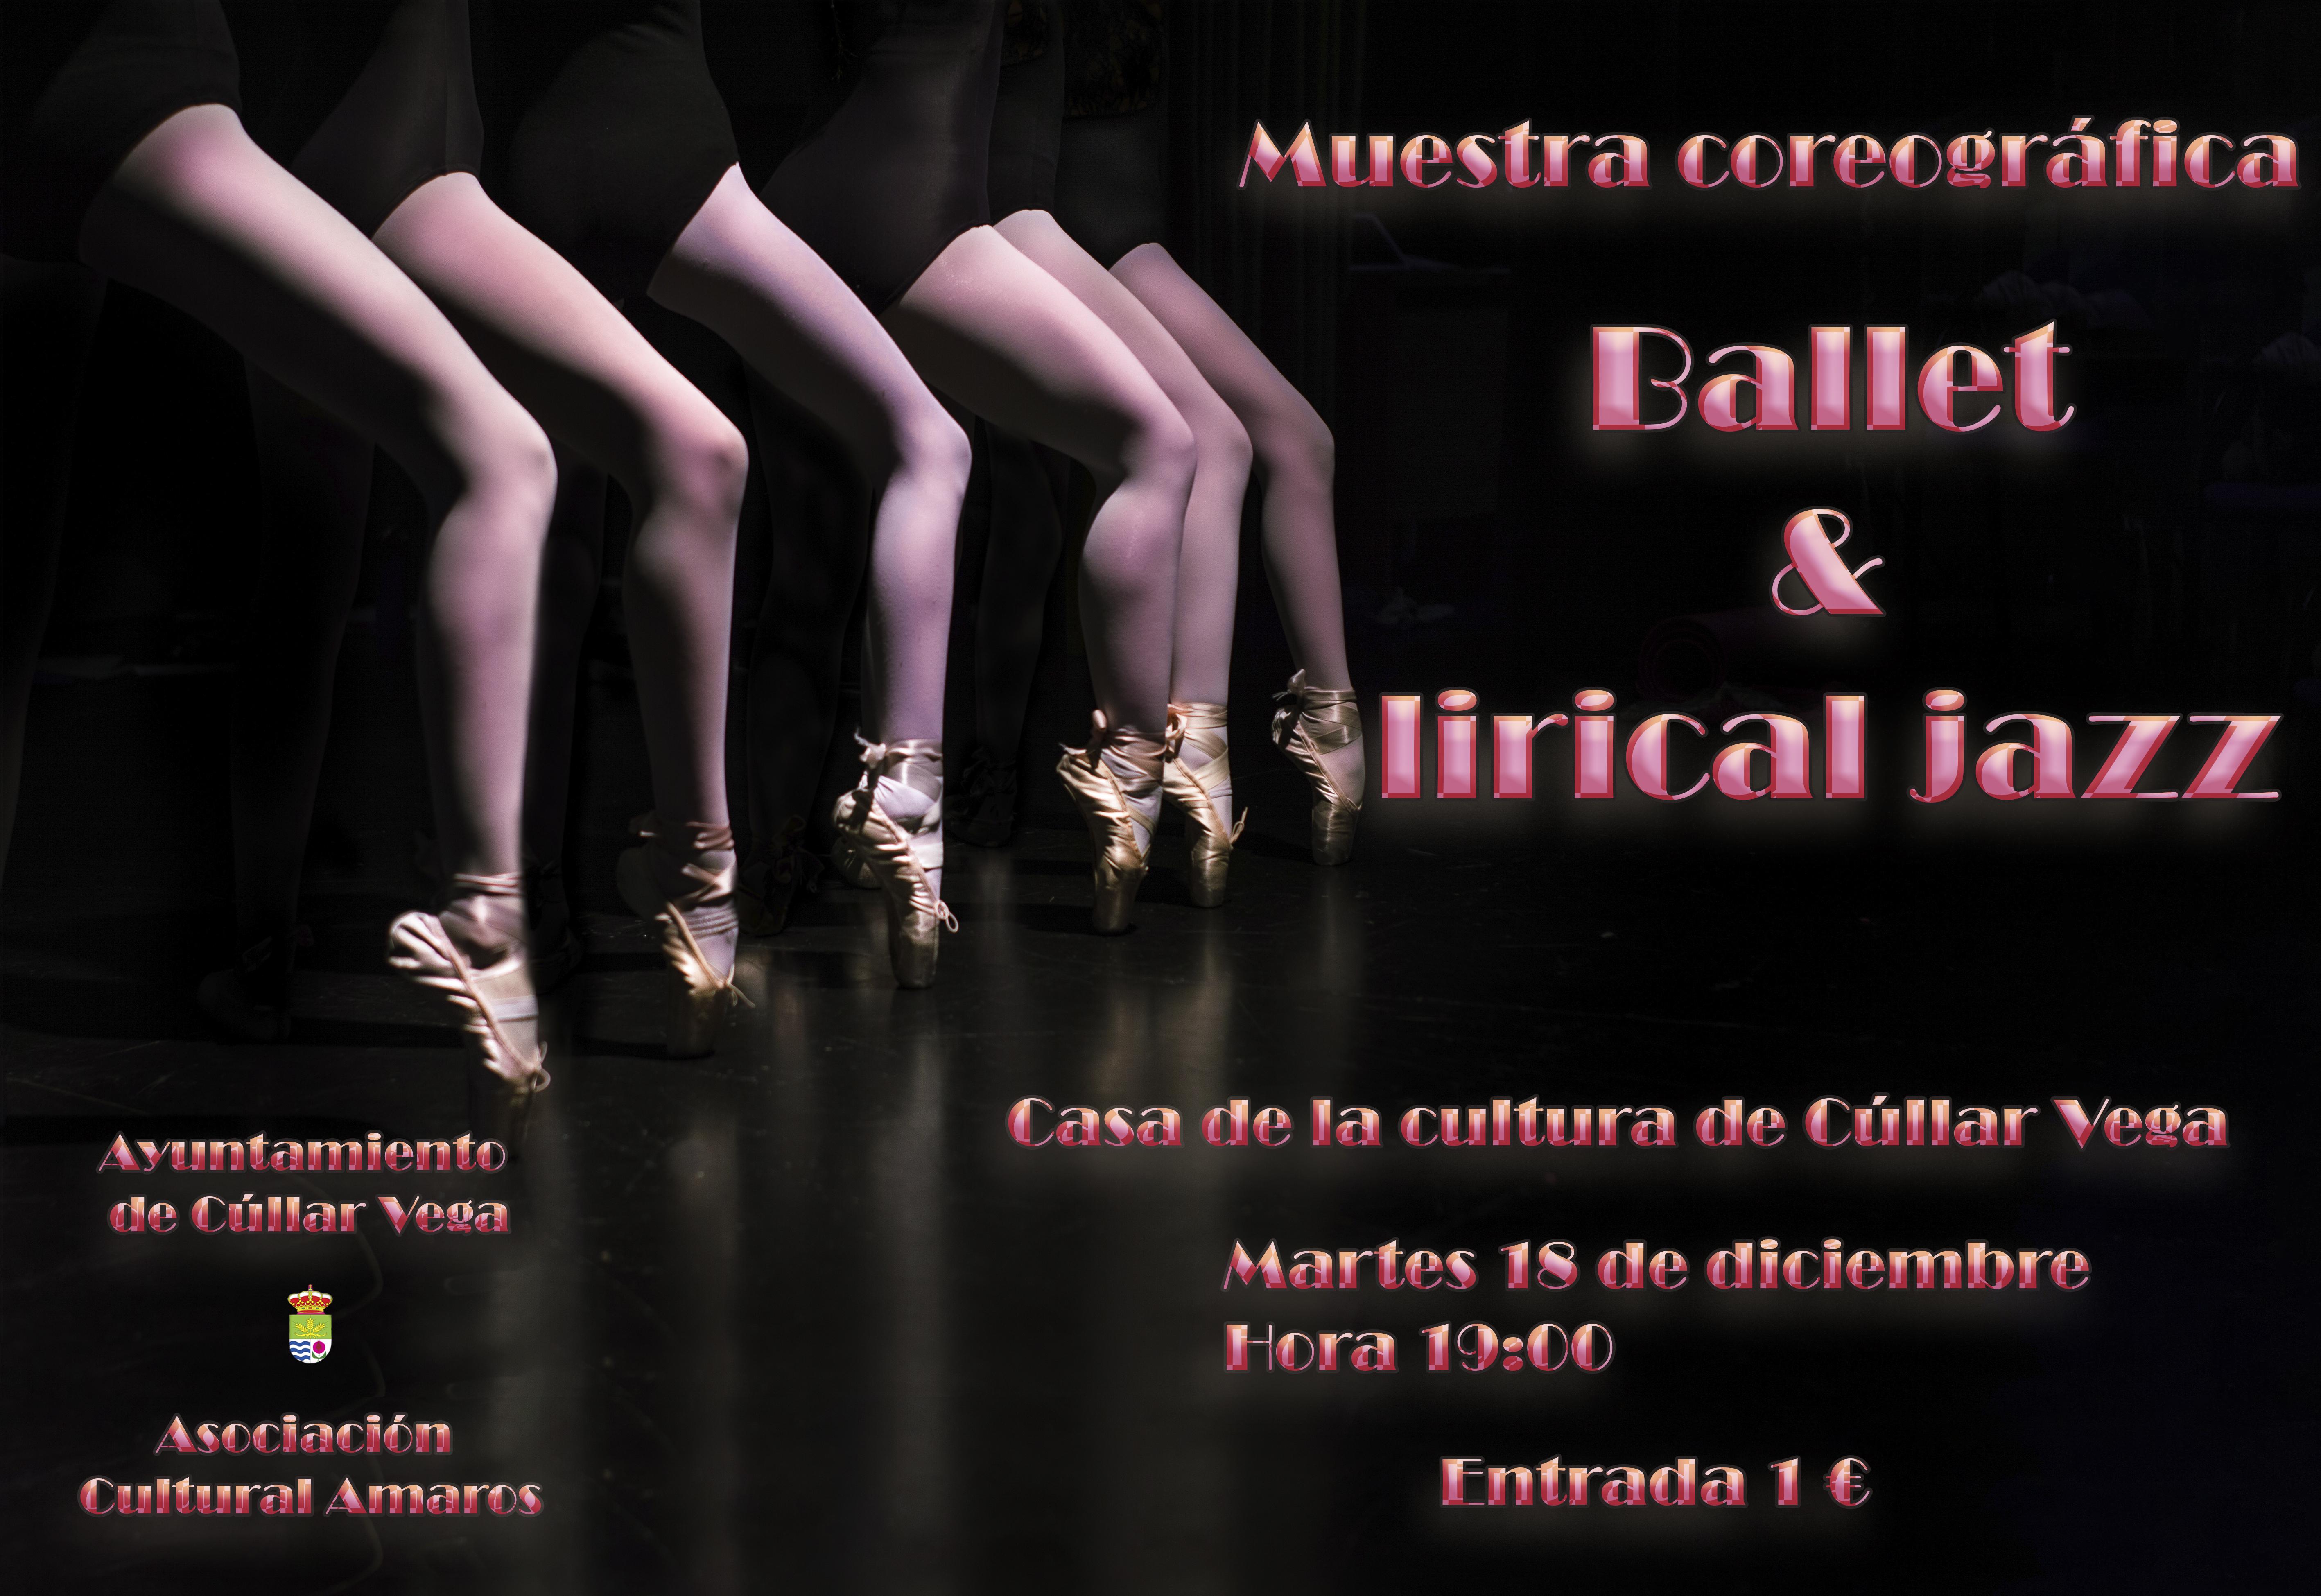 Muestra coreográfica del Taller de Ballet y Lirical Jazz